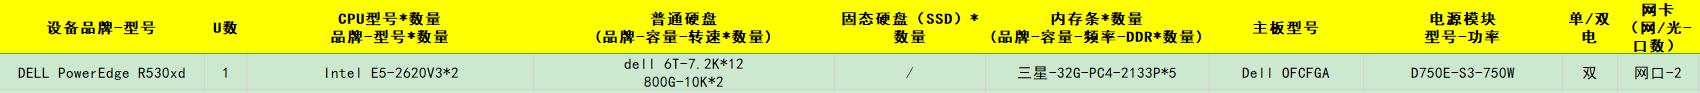 DELL PowerEdge R530xd Intel E5-2620V3*2 dell 6T-7.2K*12 800G-10K*2 三星-32G-PC4-2133P*5